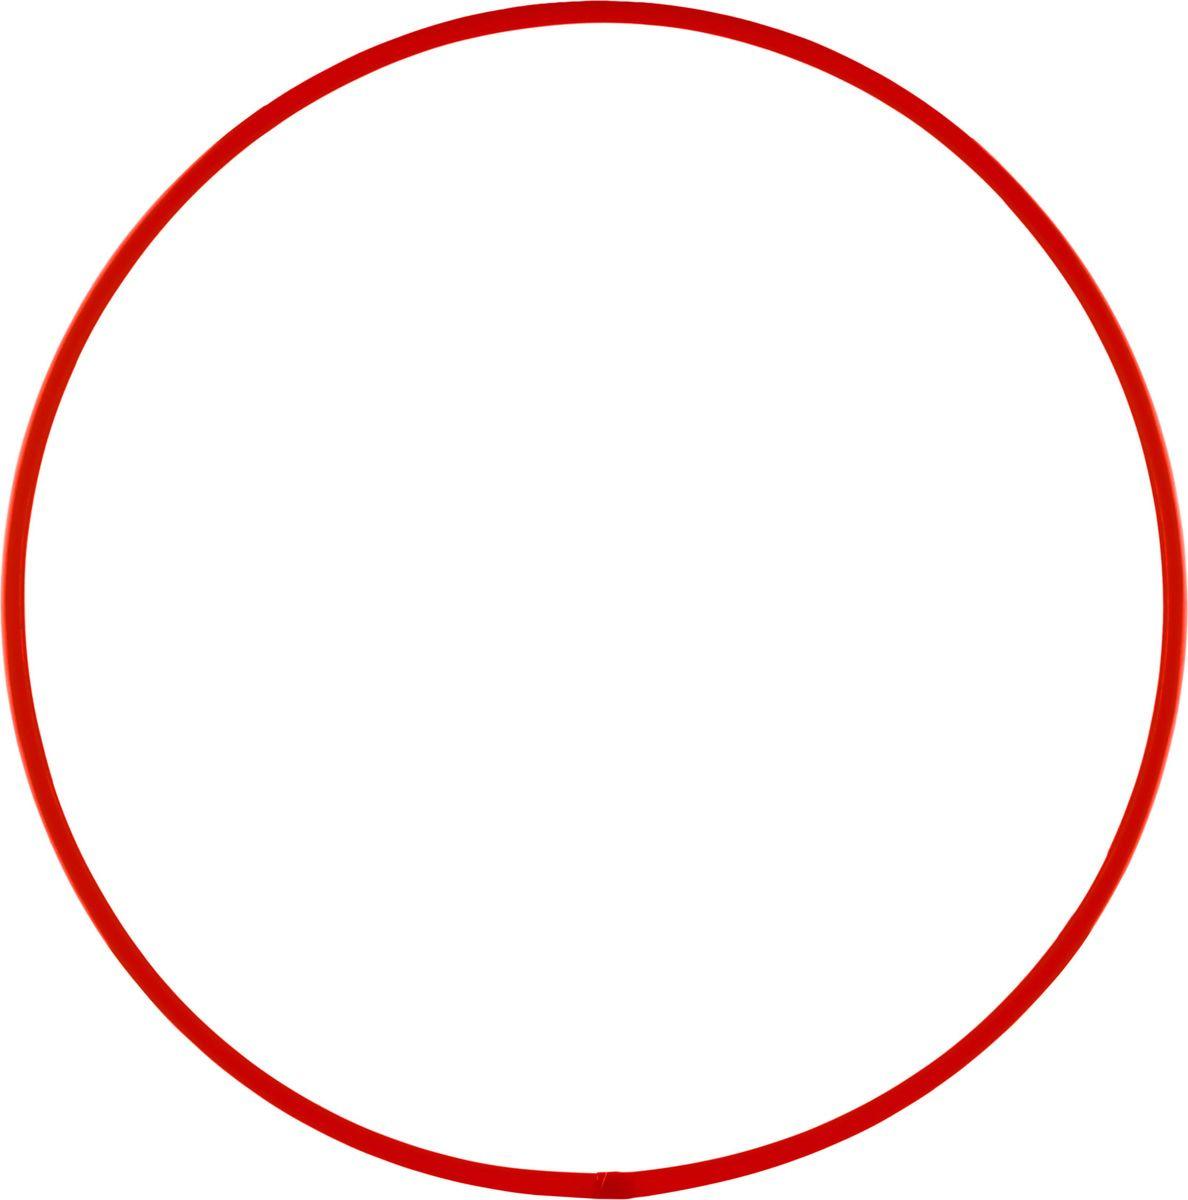 Обруч Пластмастер, 40037, диаметр 70 см, цвет в ассортименте обруч пластмастер 40040 диаметр 50 см цвет в ассортименте